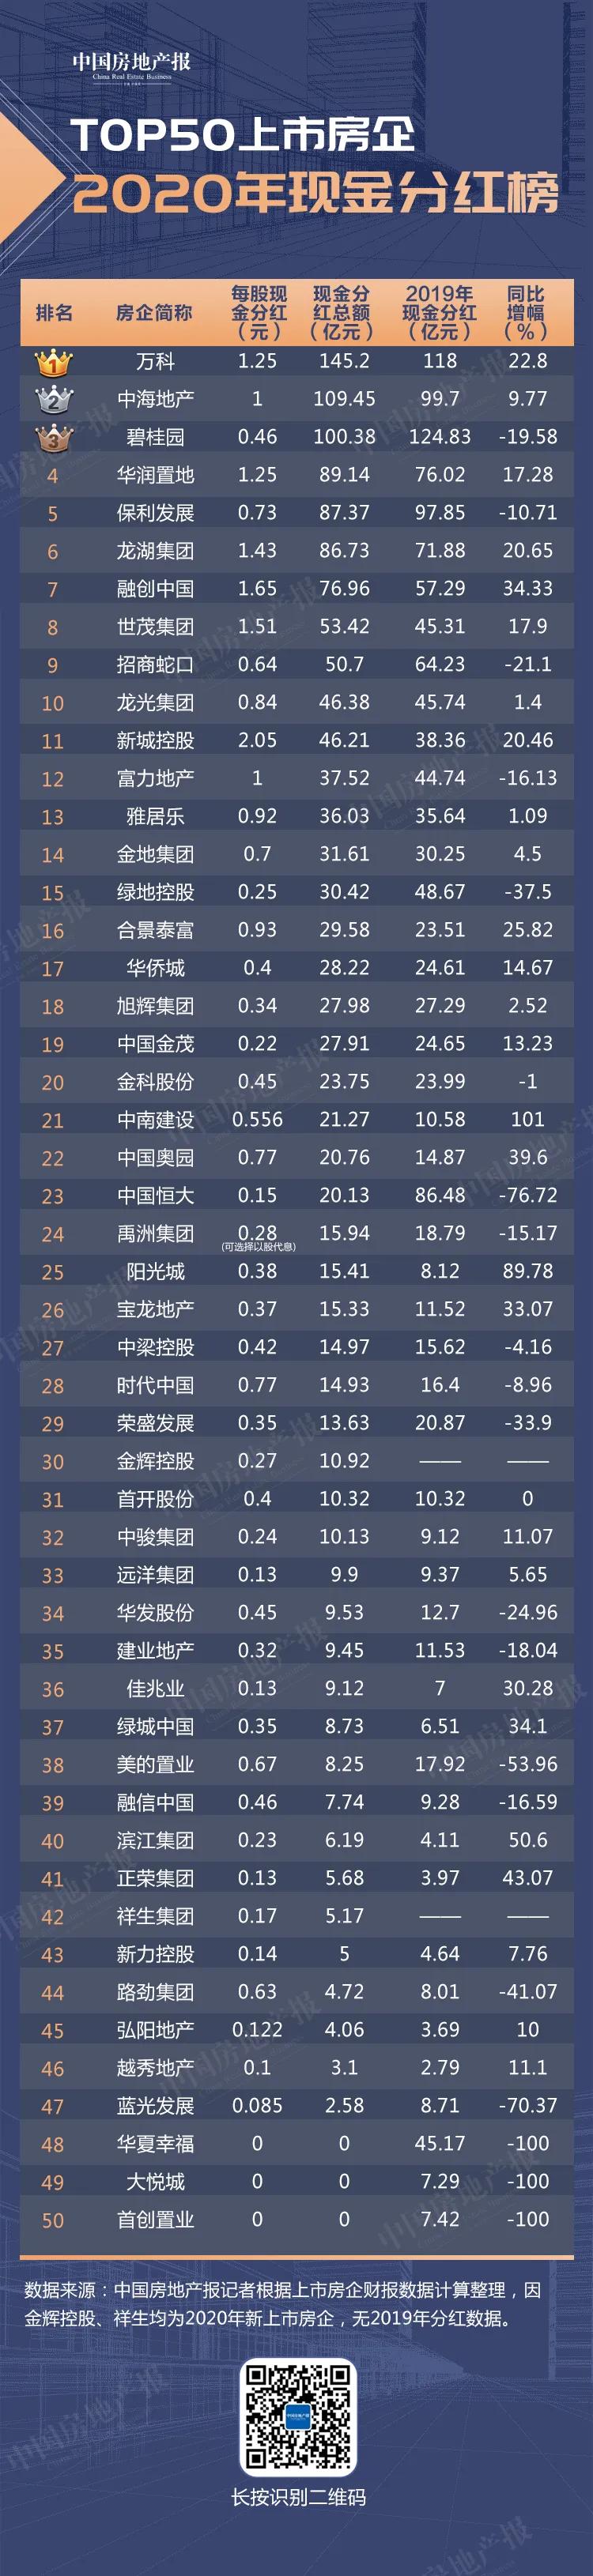 """TOP50上市房企分红之战:有企业发百亿""""红包""""也有利润腰斩零派息"""